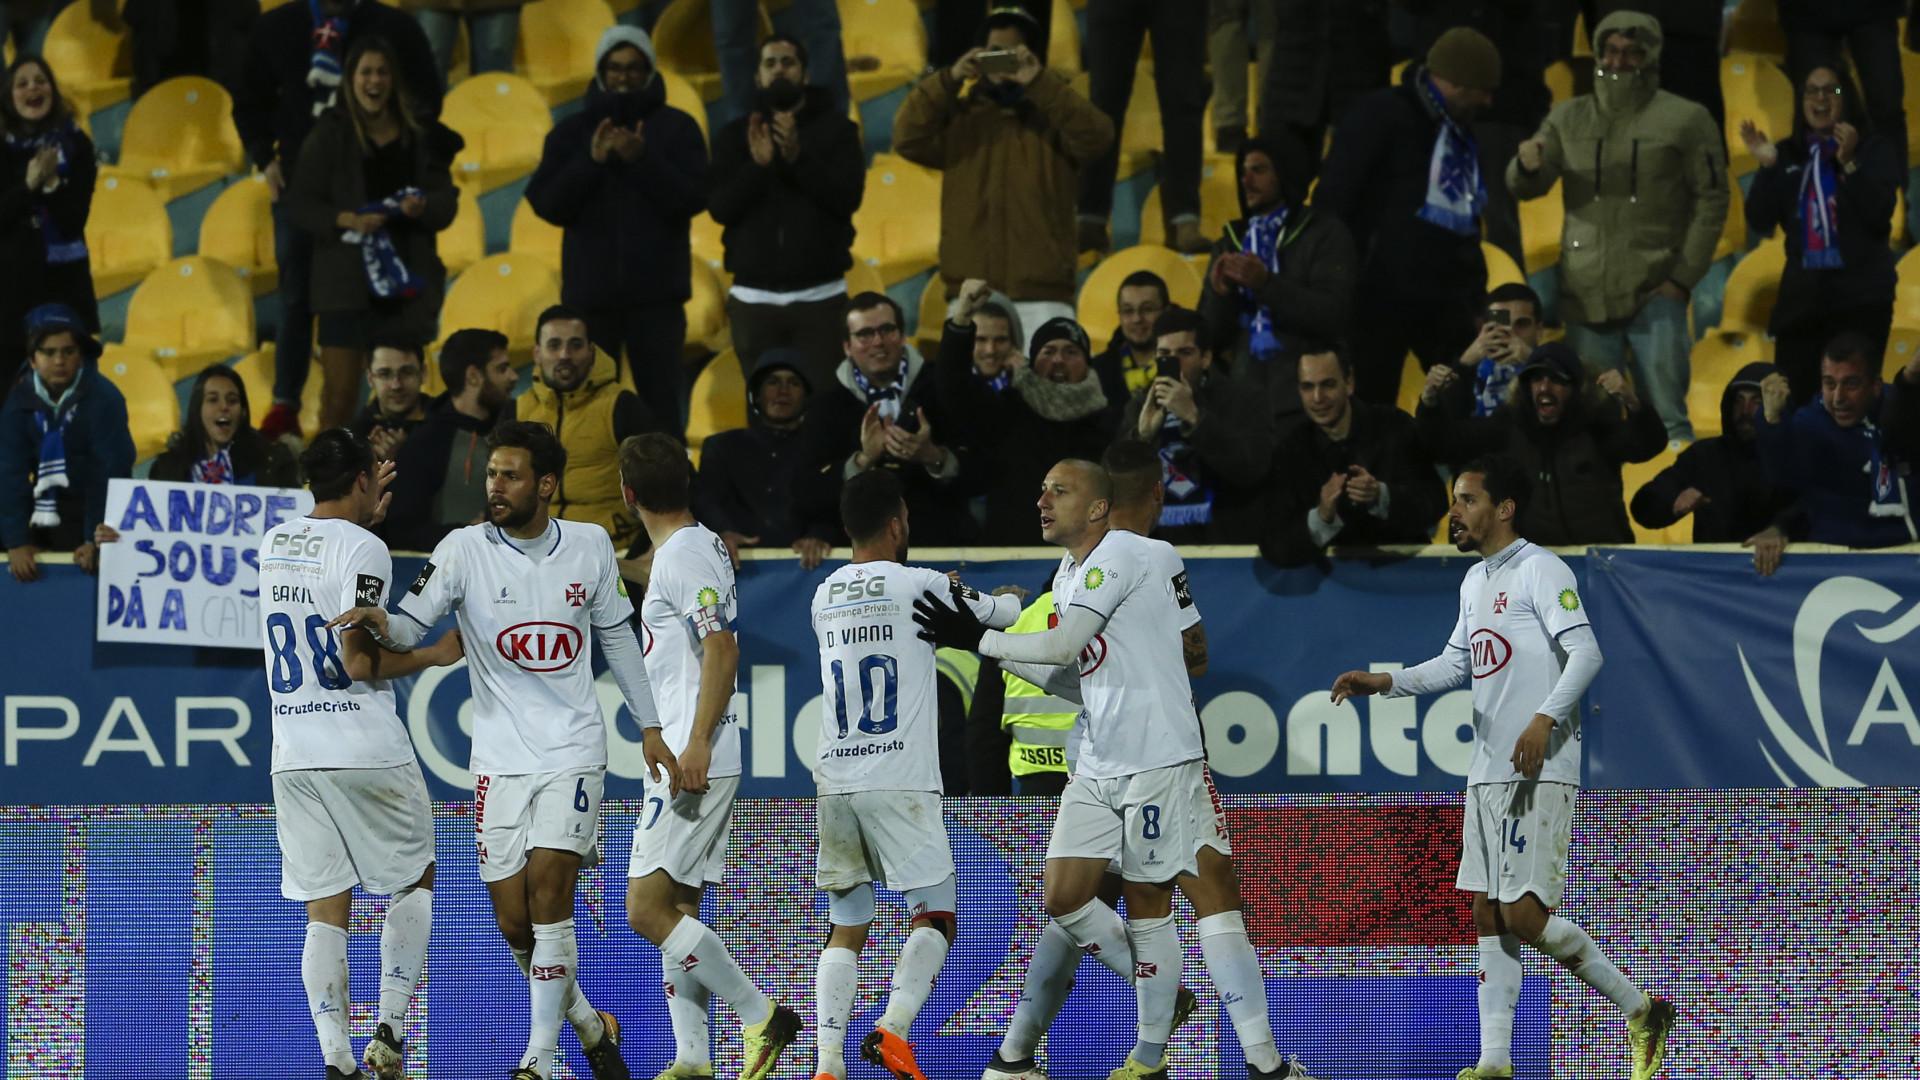 Belenenses ganha no Estoril e regressa às vitórias quase 4 meses depois